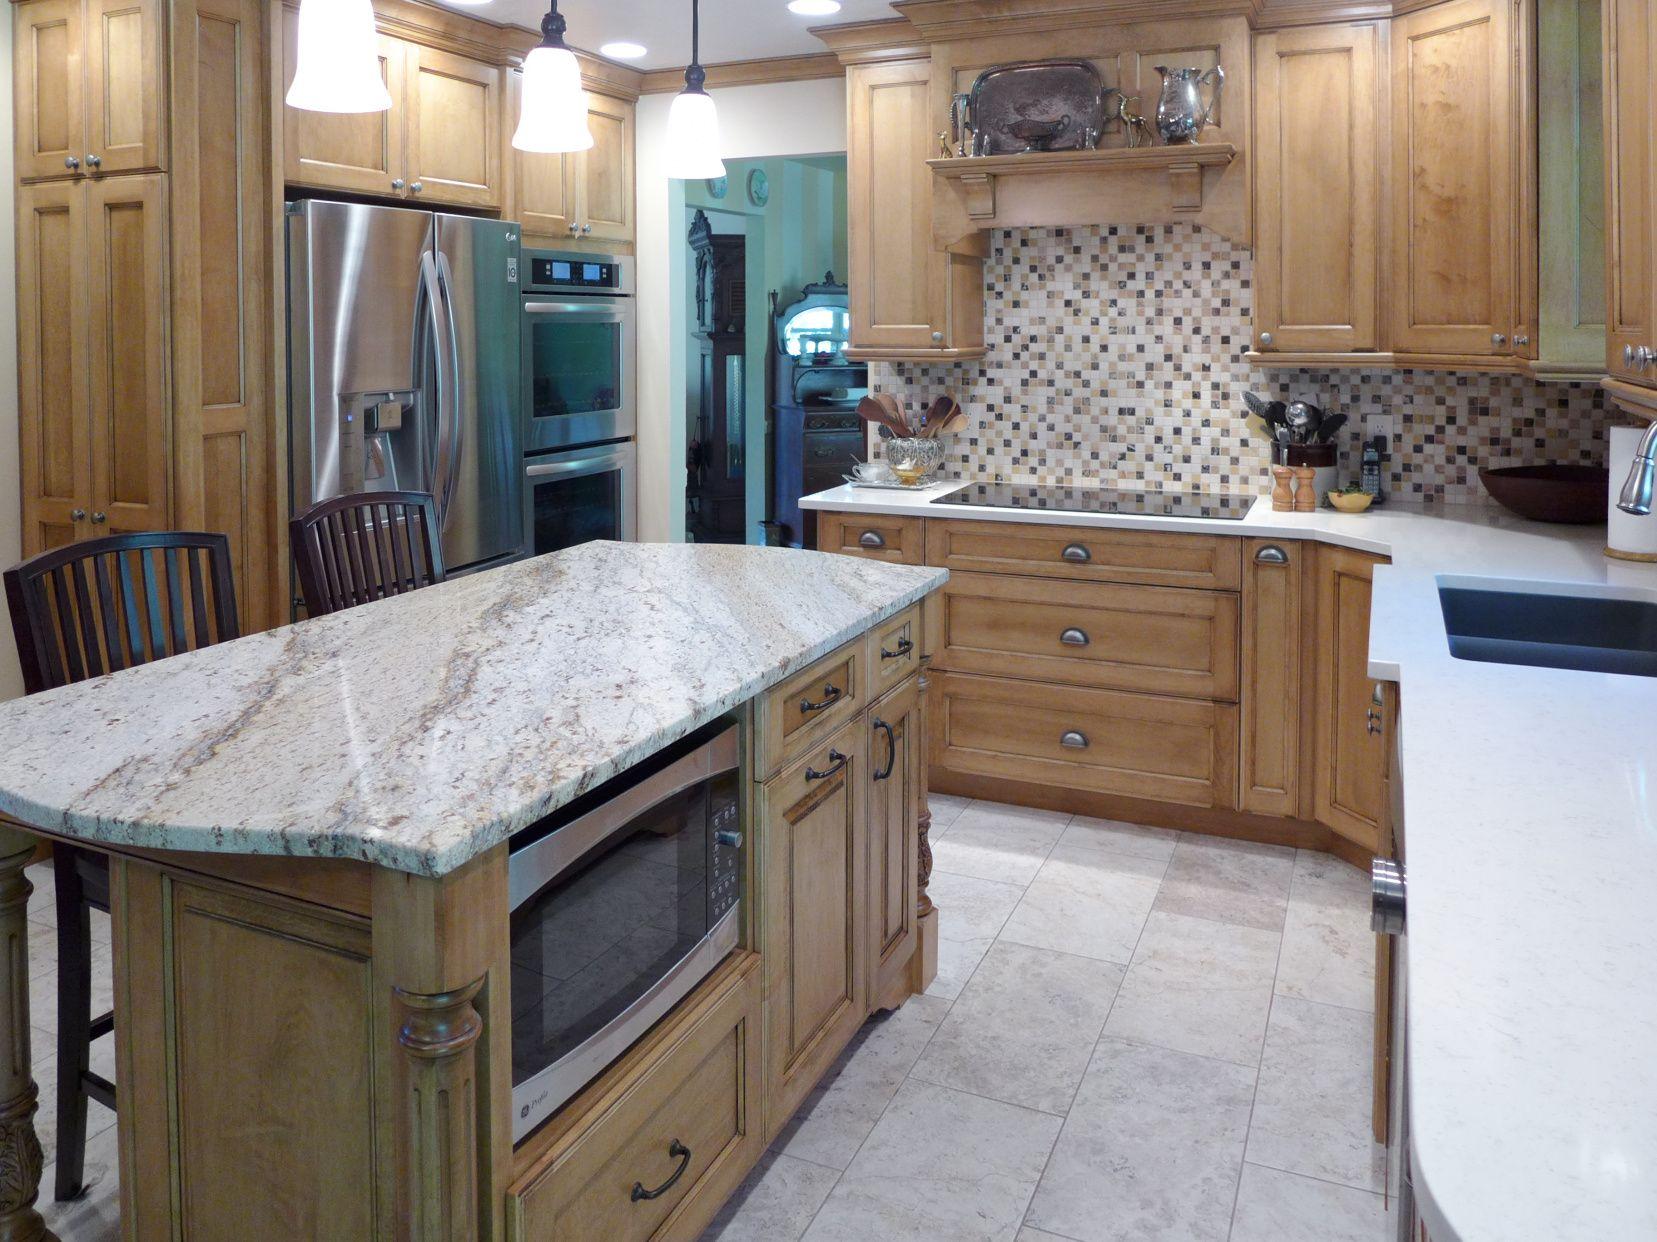 Tiny Kitchen Ideas Quartz on designer kitchens ideas, quartz kitchen cabinets, quartz bathroom ideas, quartz kitchen business, quartz kitchen sinks, quartz kitchen islands, quartz kitchen tables, country kitchens ideas, modern kitchens ideas,